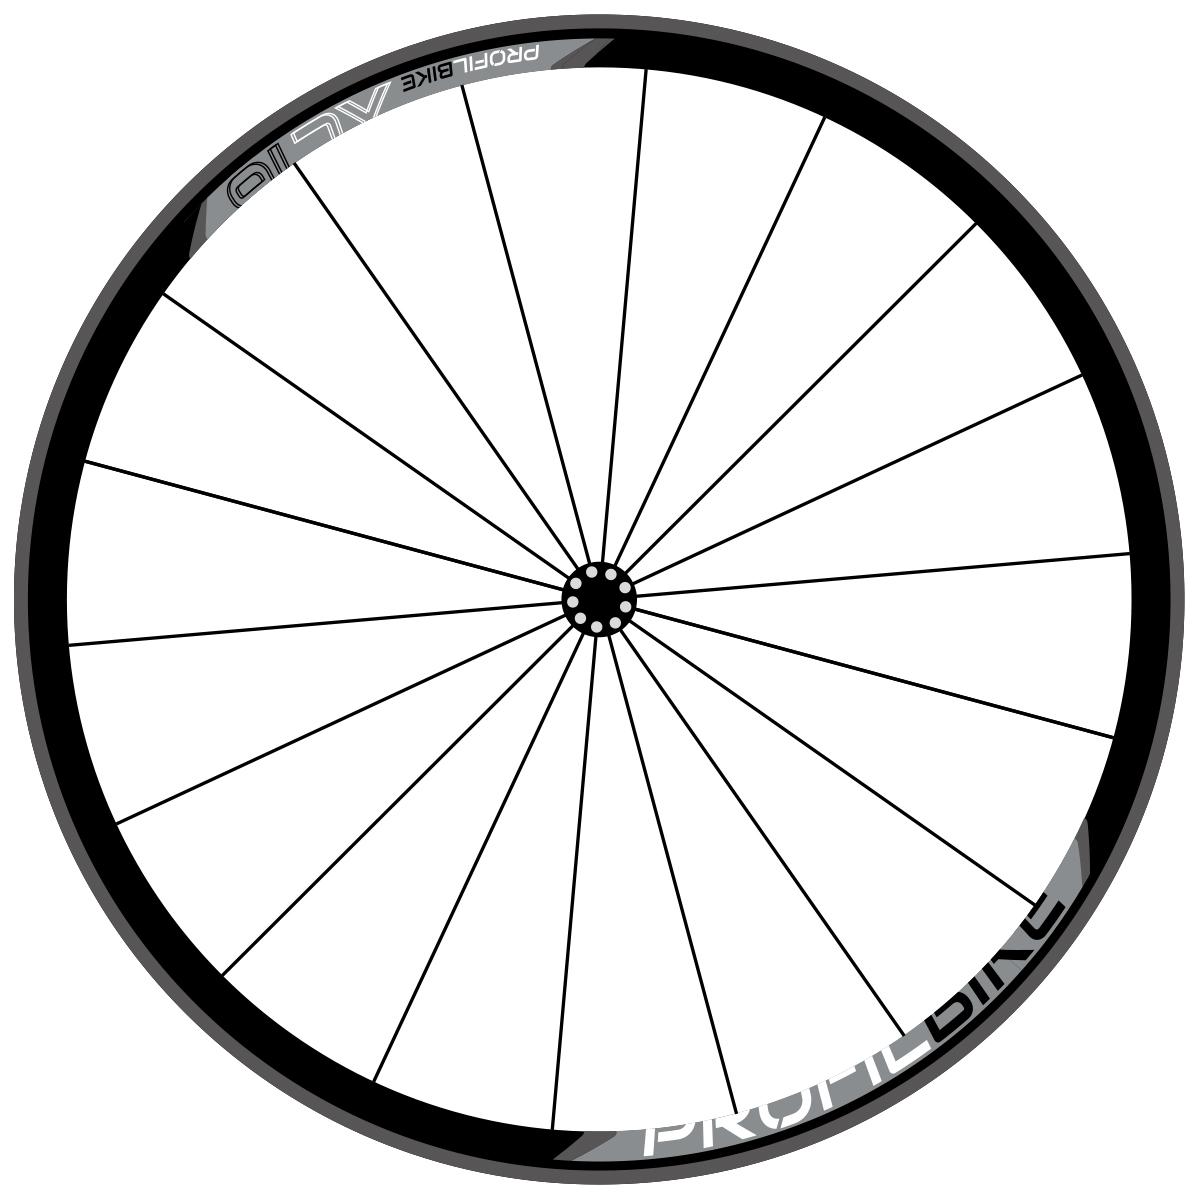 Profilbike XC16 design argent